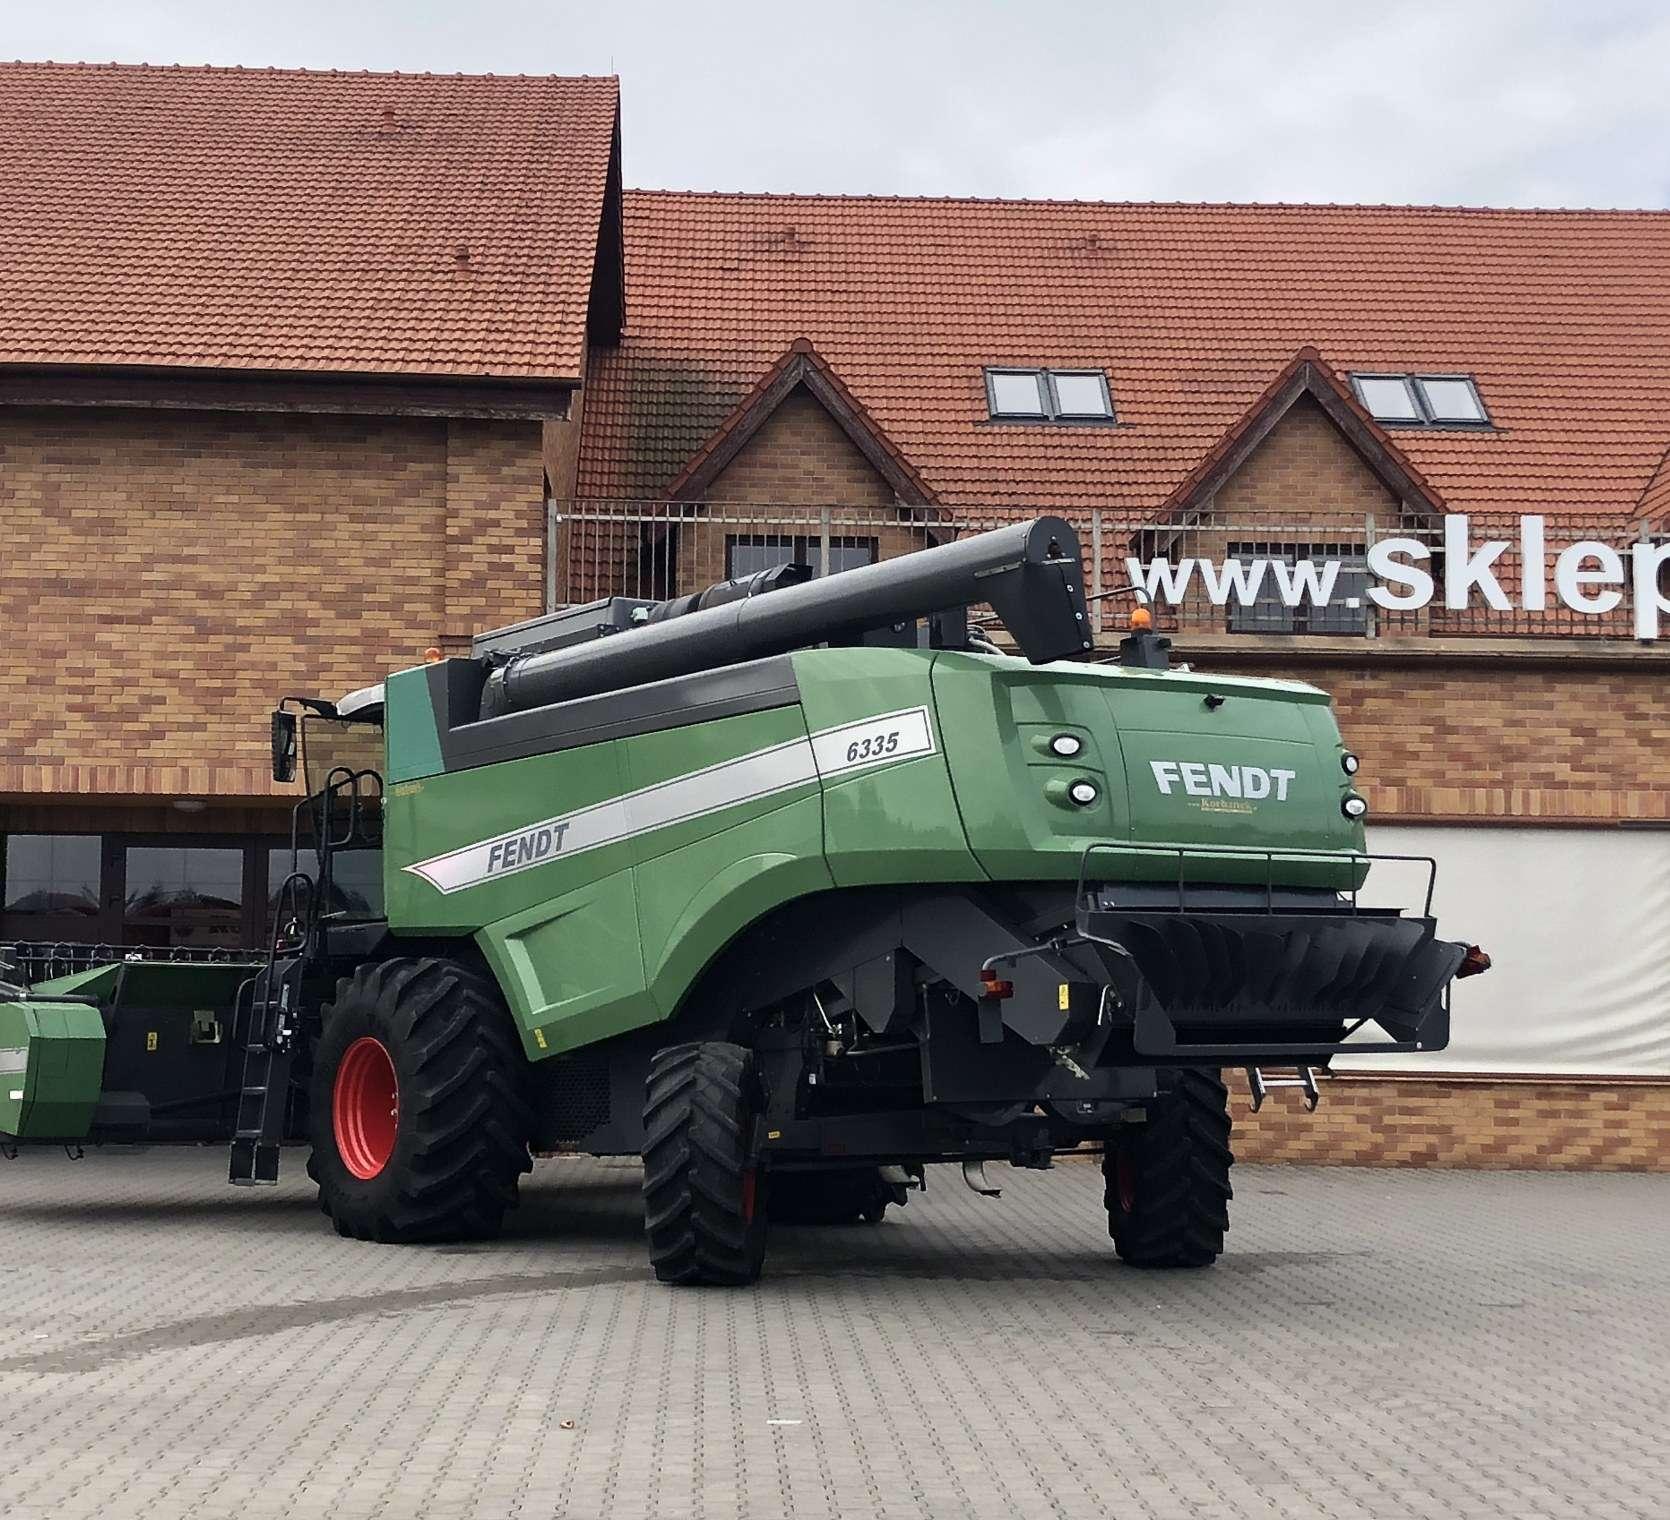 Tył używanego kombajnu Fendt 6335 C stojącego na placu maszyn rolniczych firmy Korbanek